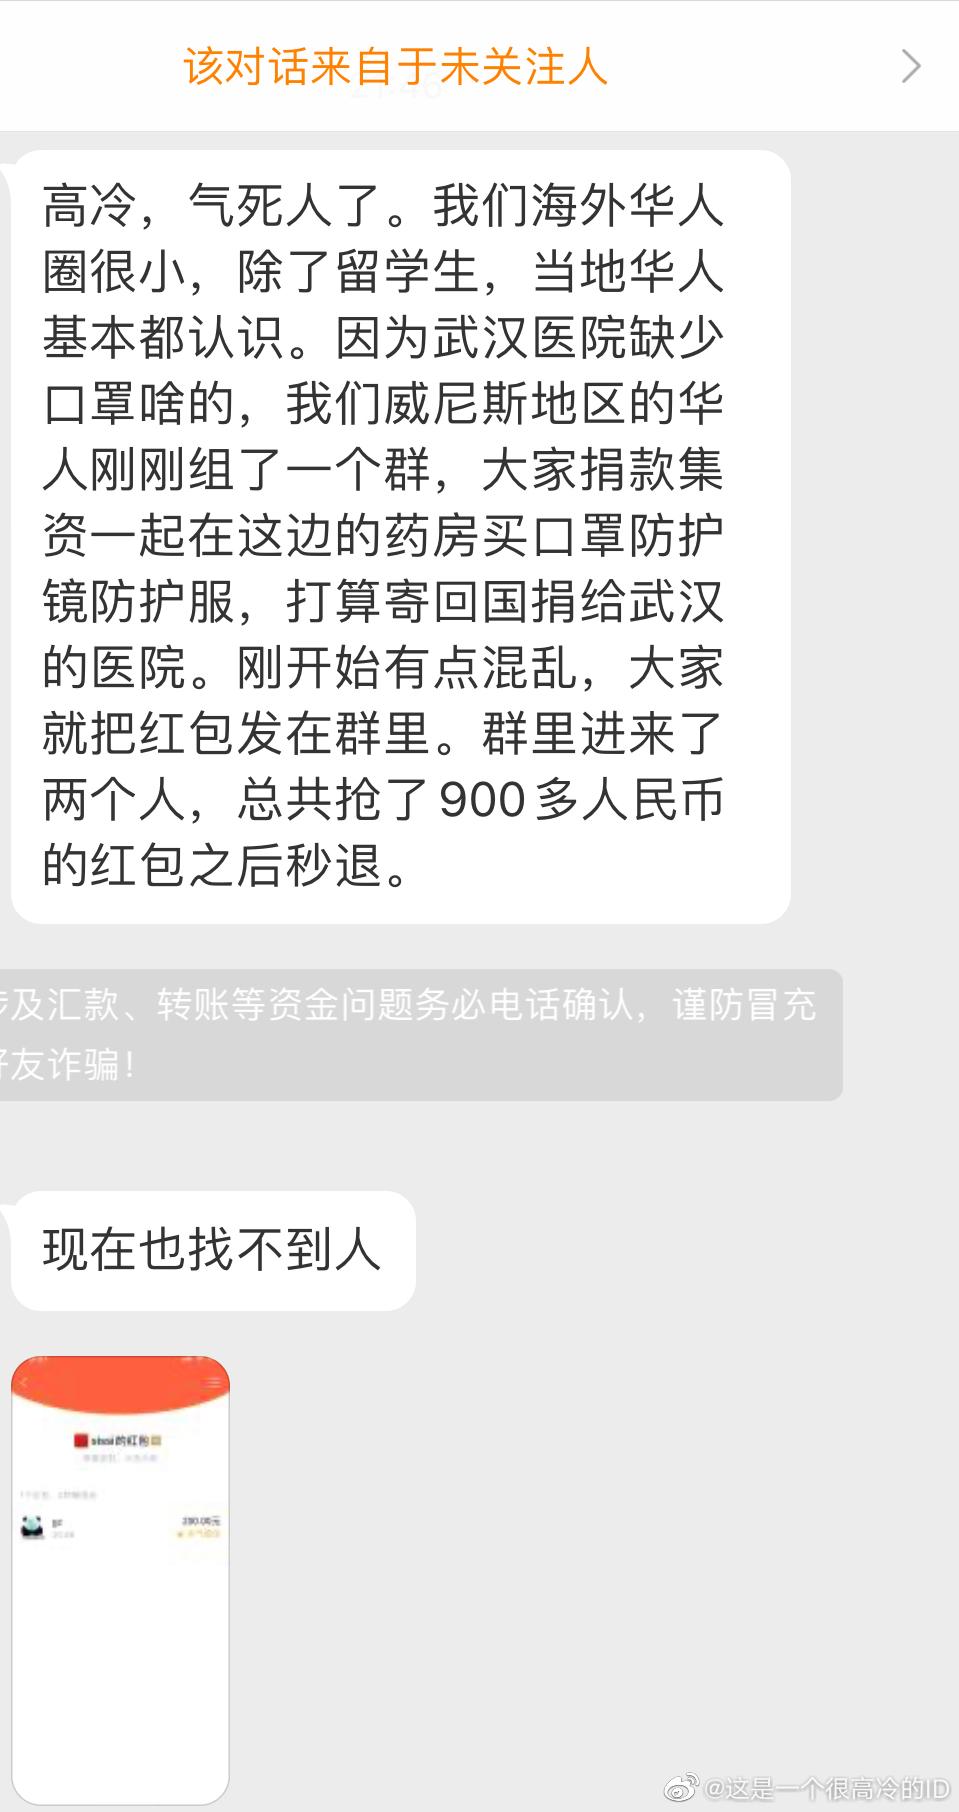 刚刚收到私信!威尼斯地区的华人建了个群捐款给武汉买物资